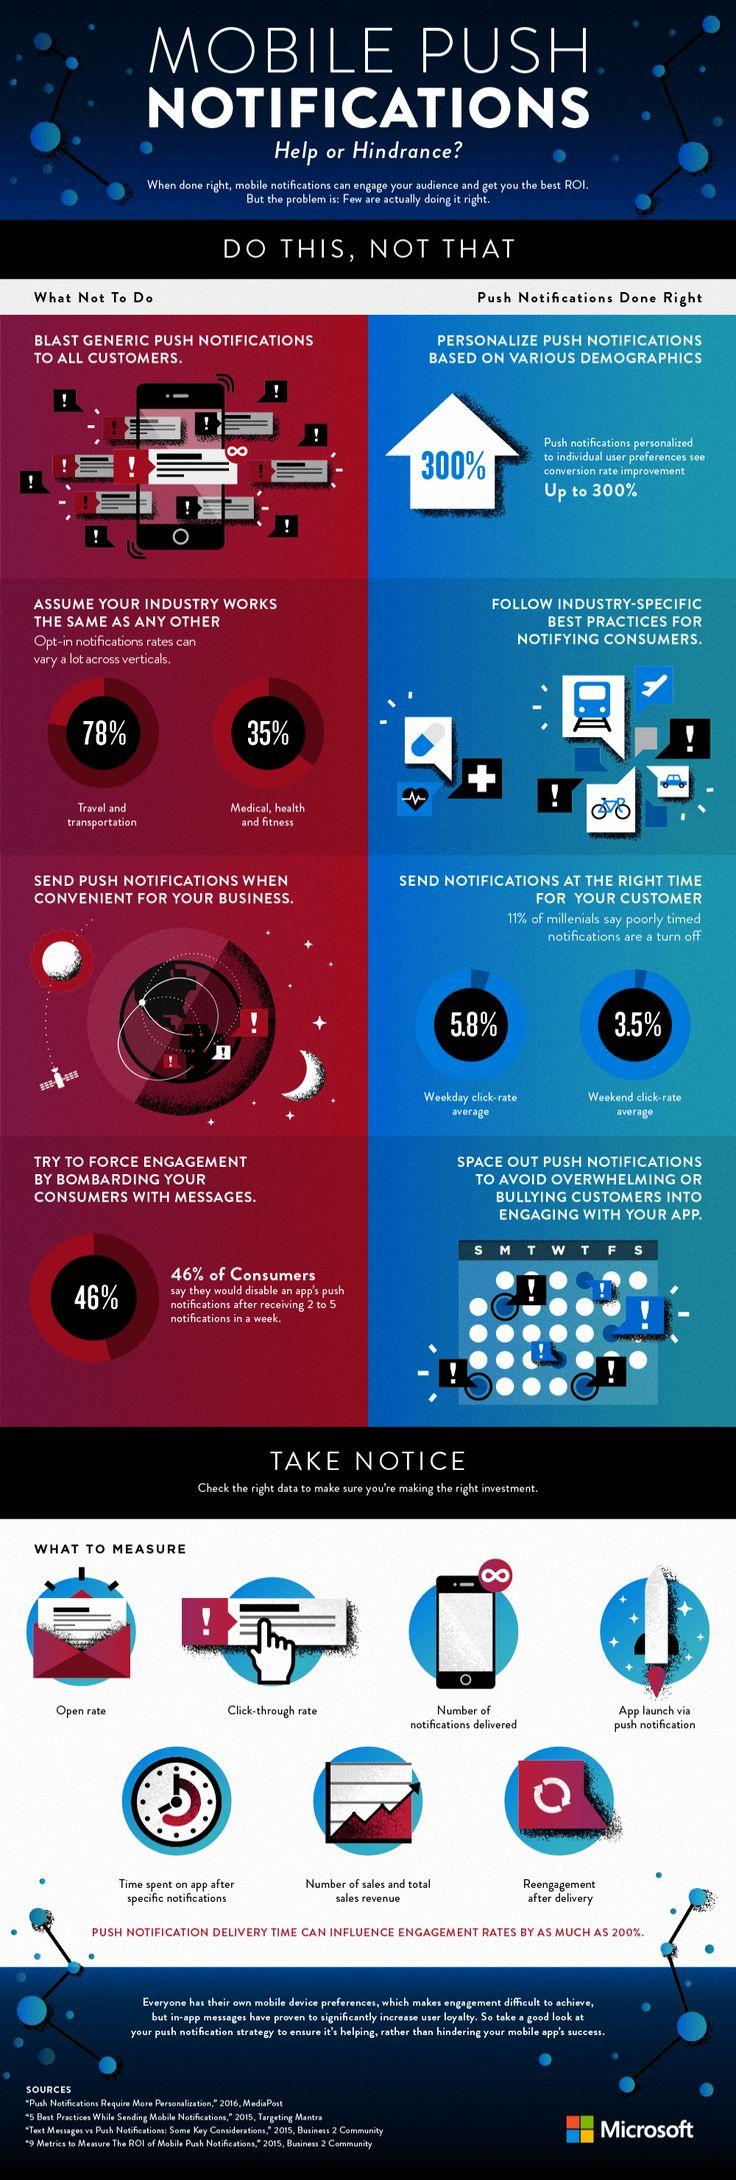 [Infographie] Microsoft - notifications push, quelles sont les bonnes pratiques? | [Infographic] Push notifications: Do this not that #mobile #marketing #digital